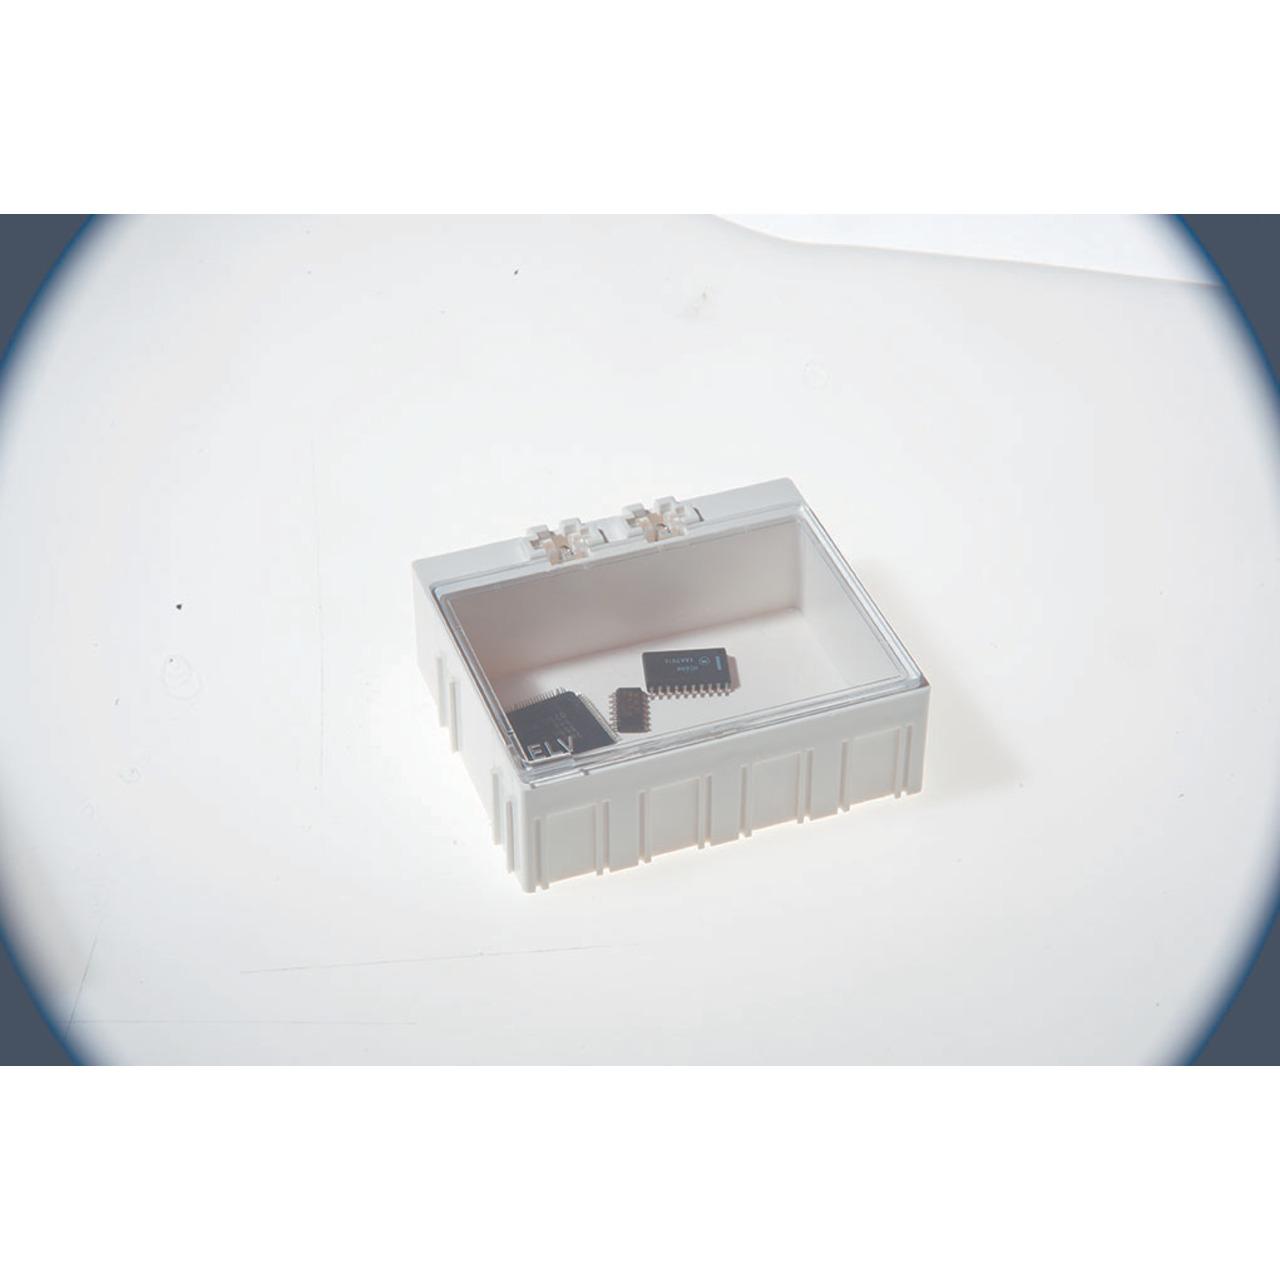 Image of 10er-Set ELV SMD-Sortierbox, Altweiß, 23 x 62 x 54 mm